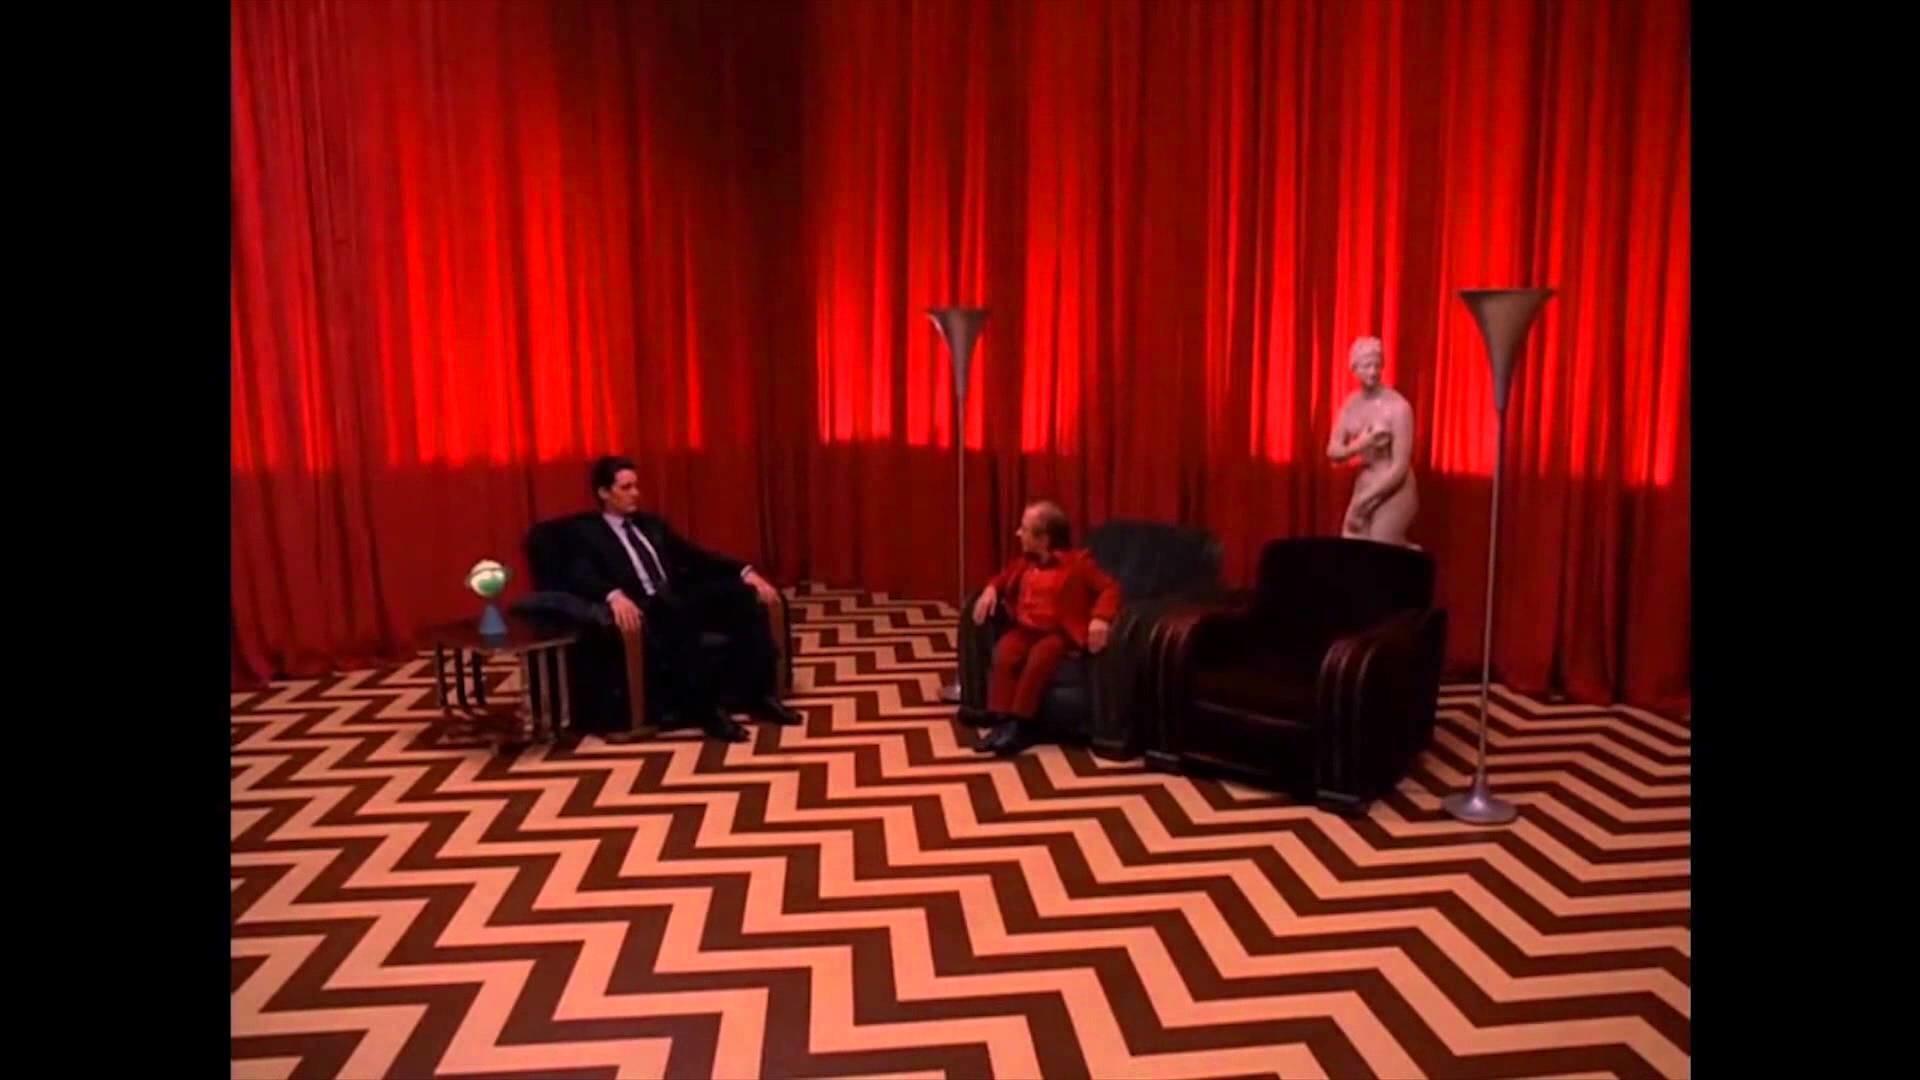 Twin Peaks HD Wallpapers For Desktop Download Best Twin Peaks .